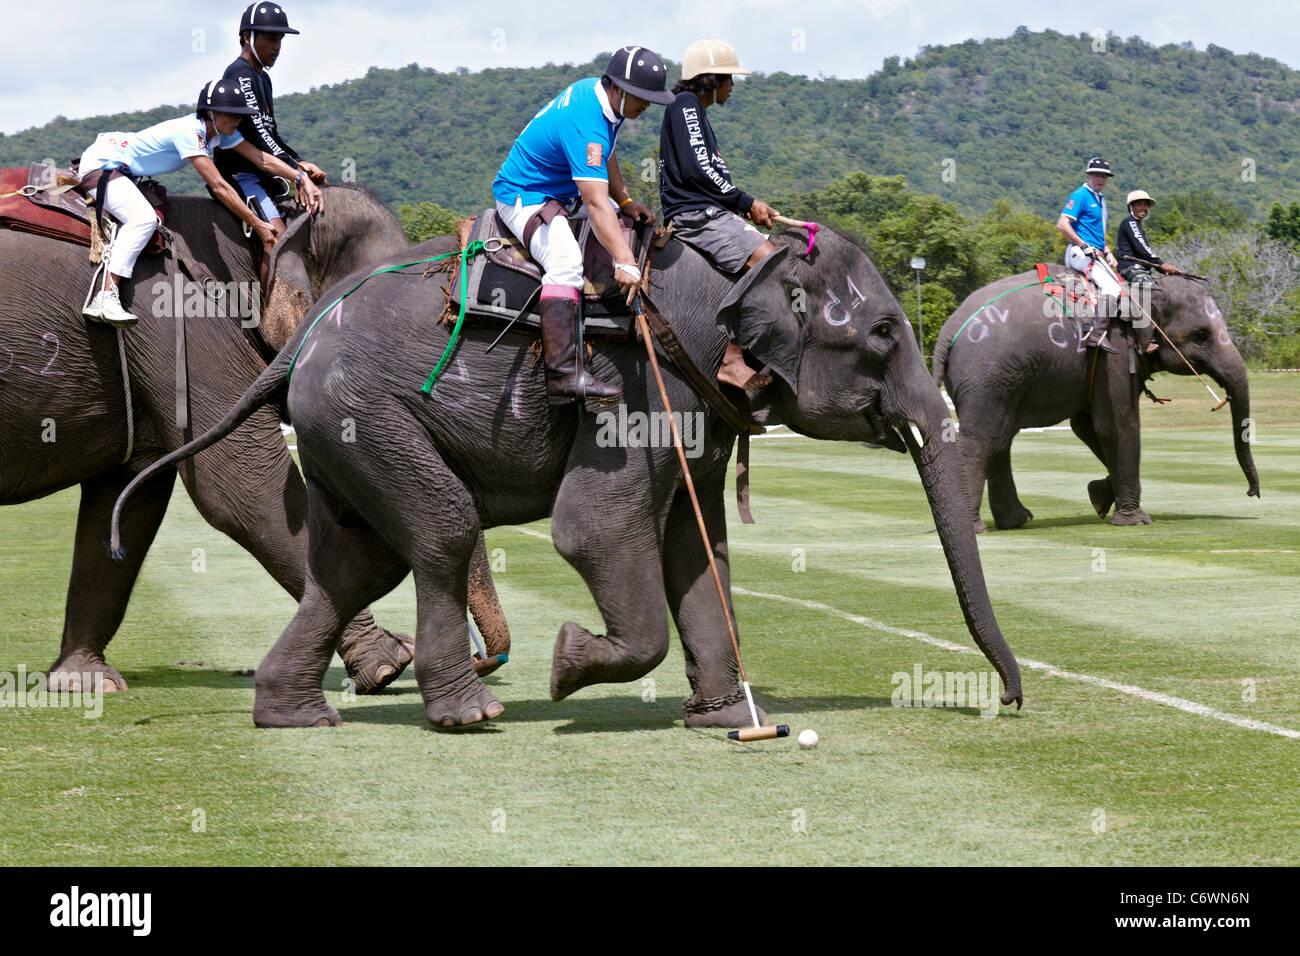 elephant-polo-match-action-2011-kings-cu